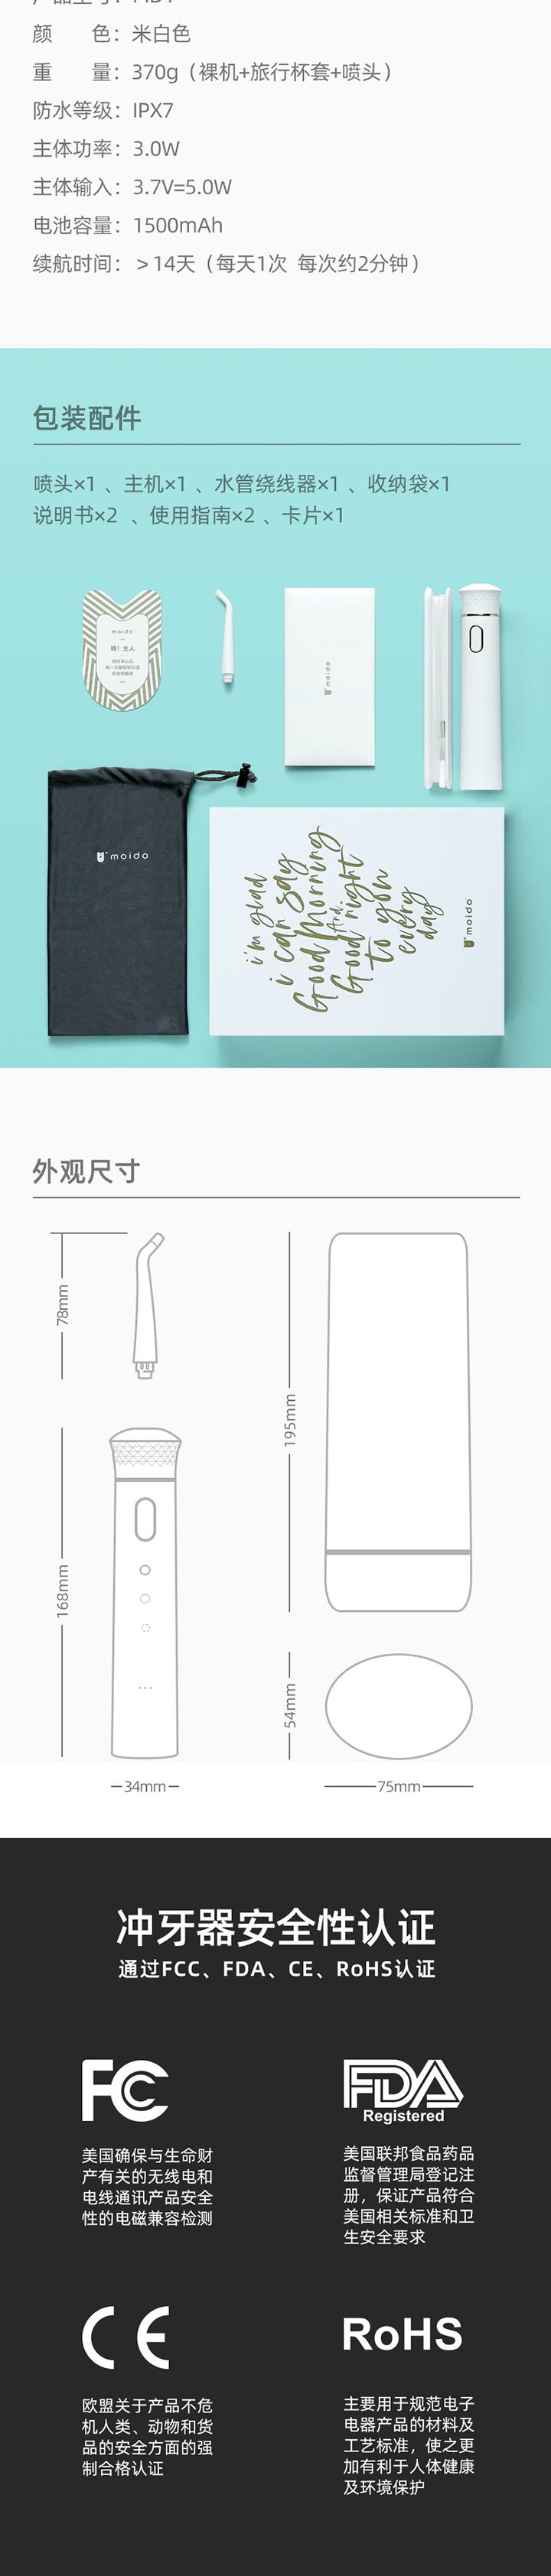 moido便携无水箱冲牙器免费试用,评测